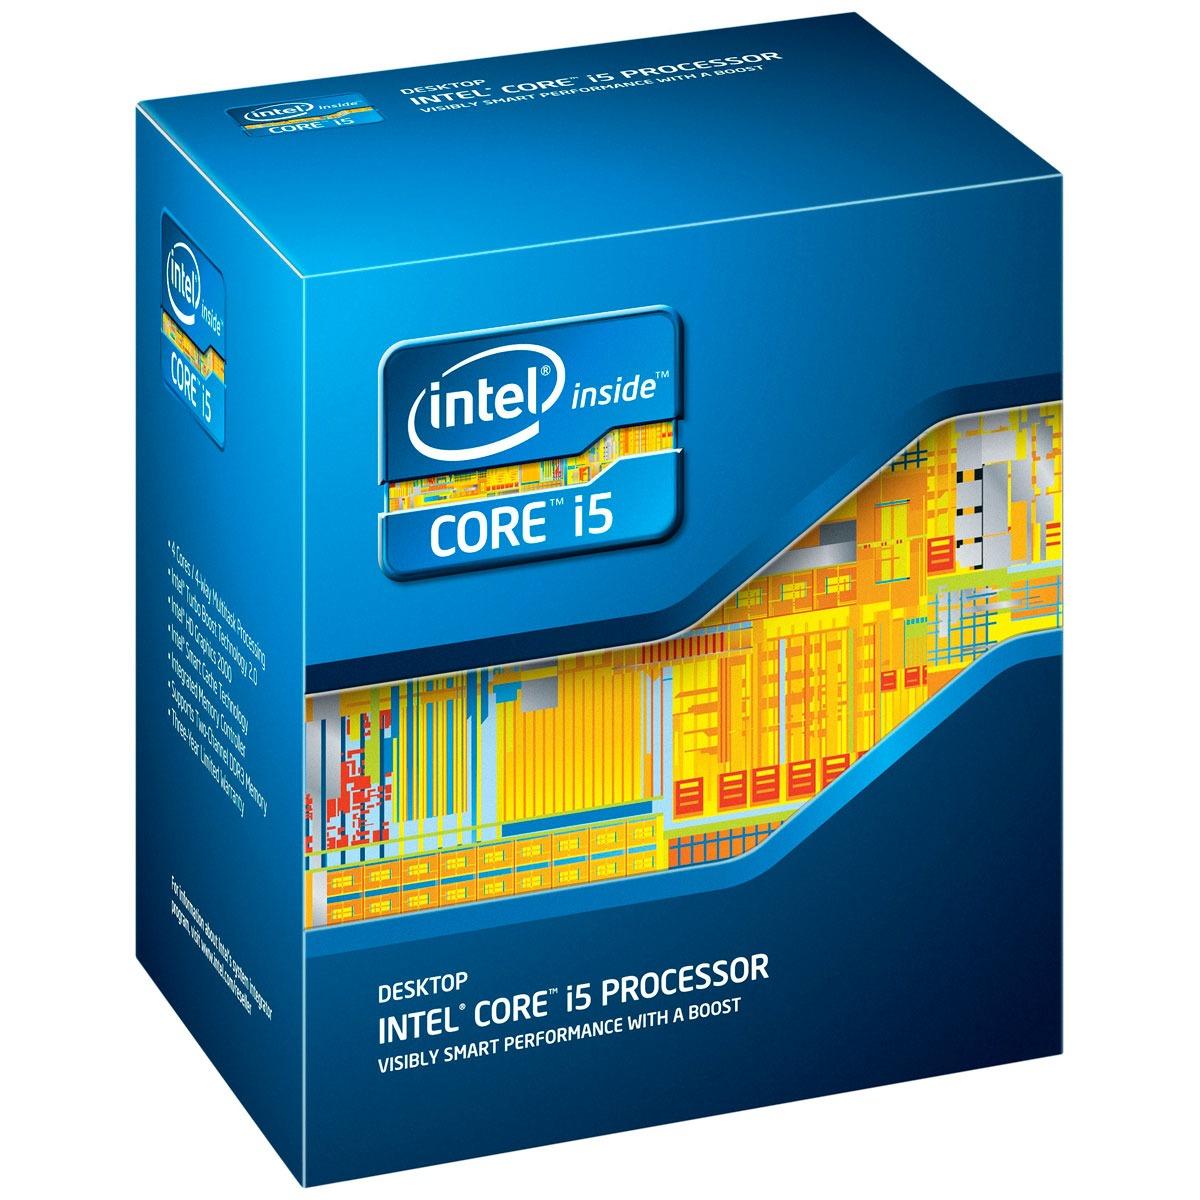 Processeur Intel Core i5-2300 (2.8 GHz) Processeur Quad Core Socket 1155 Cache L3 6 Mo Intel HD Graphics 2000 0.032 micron (version boîte - garantie Intel 3 ans)